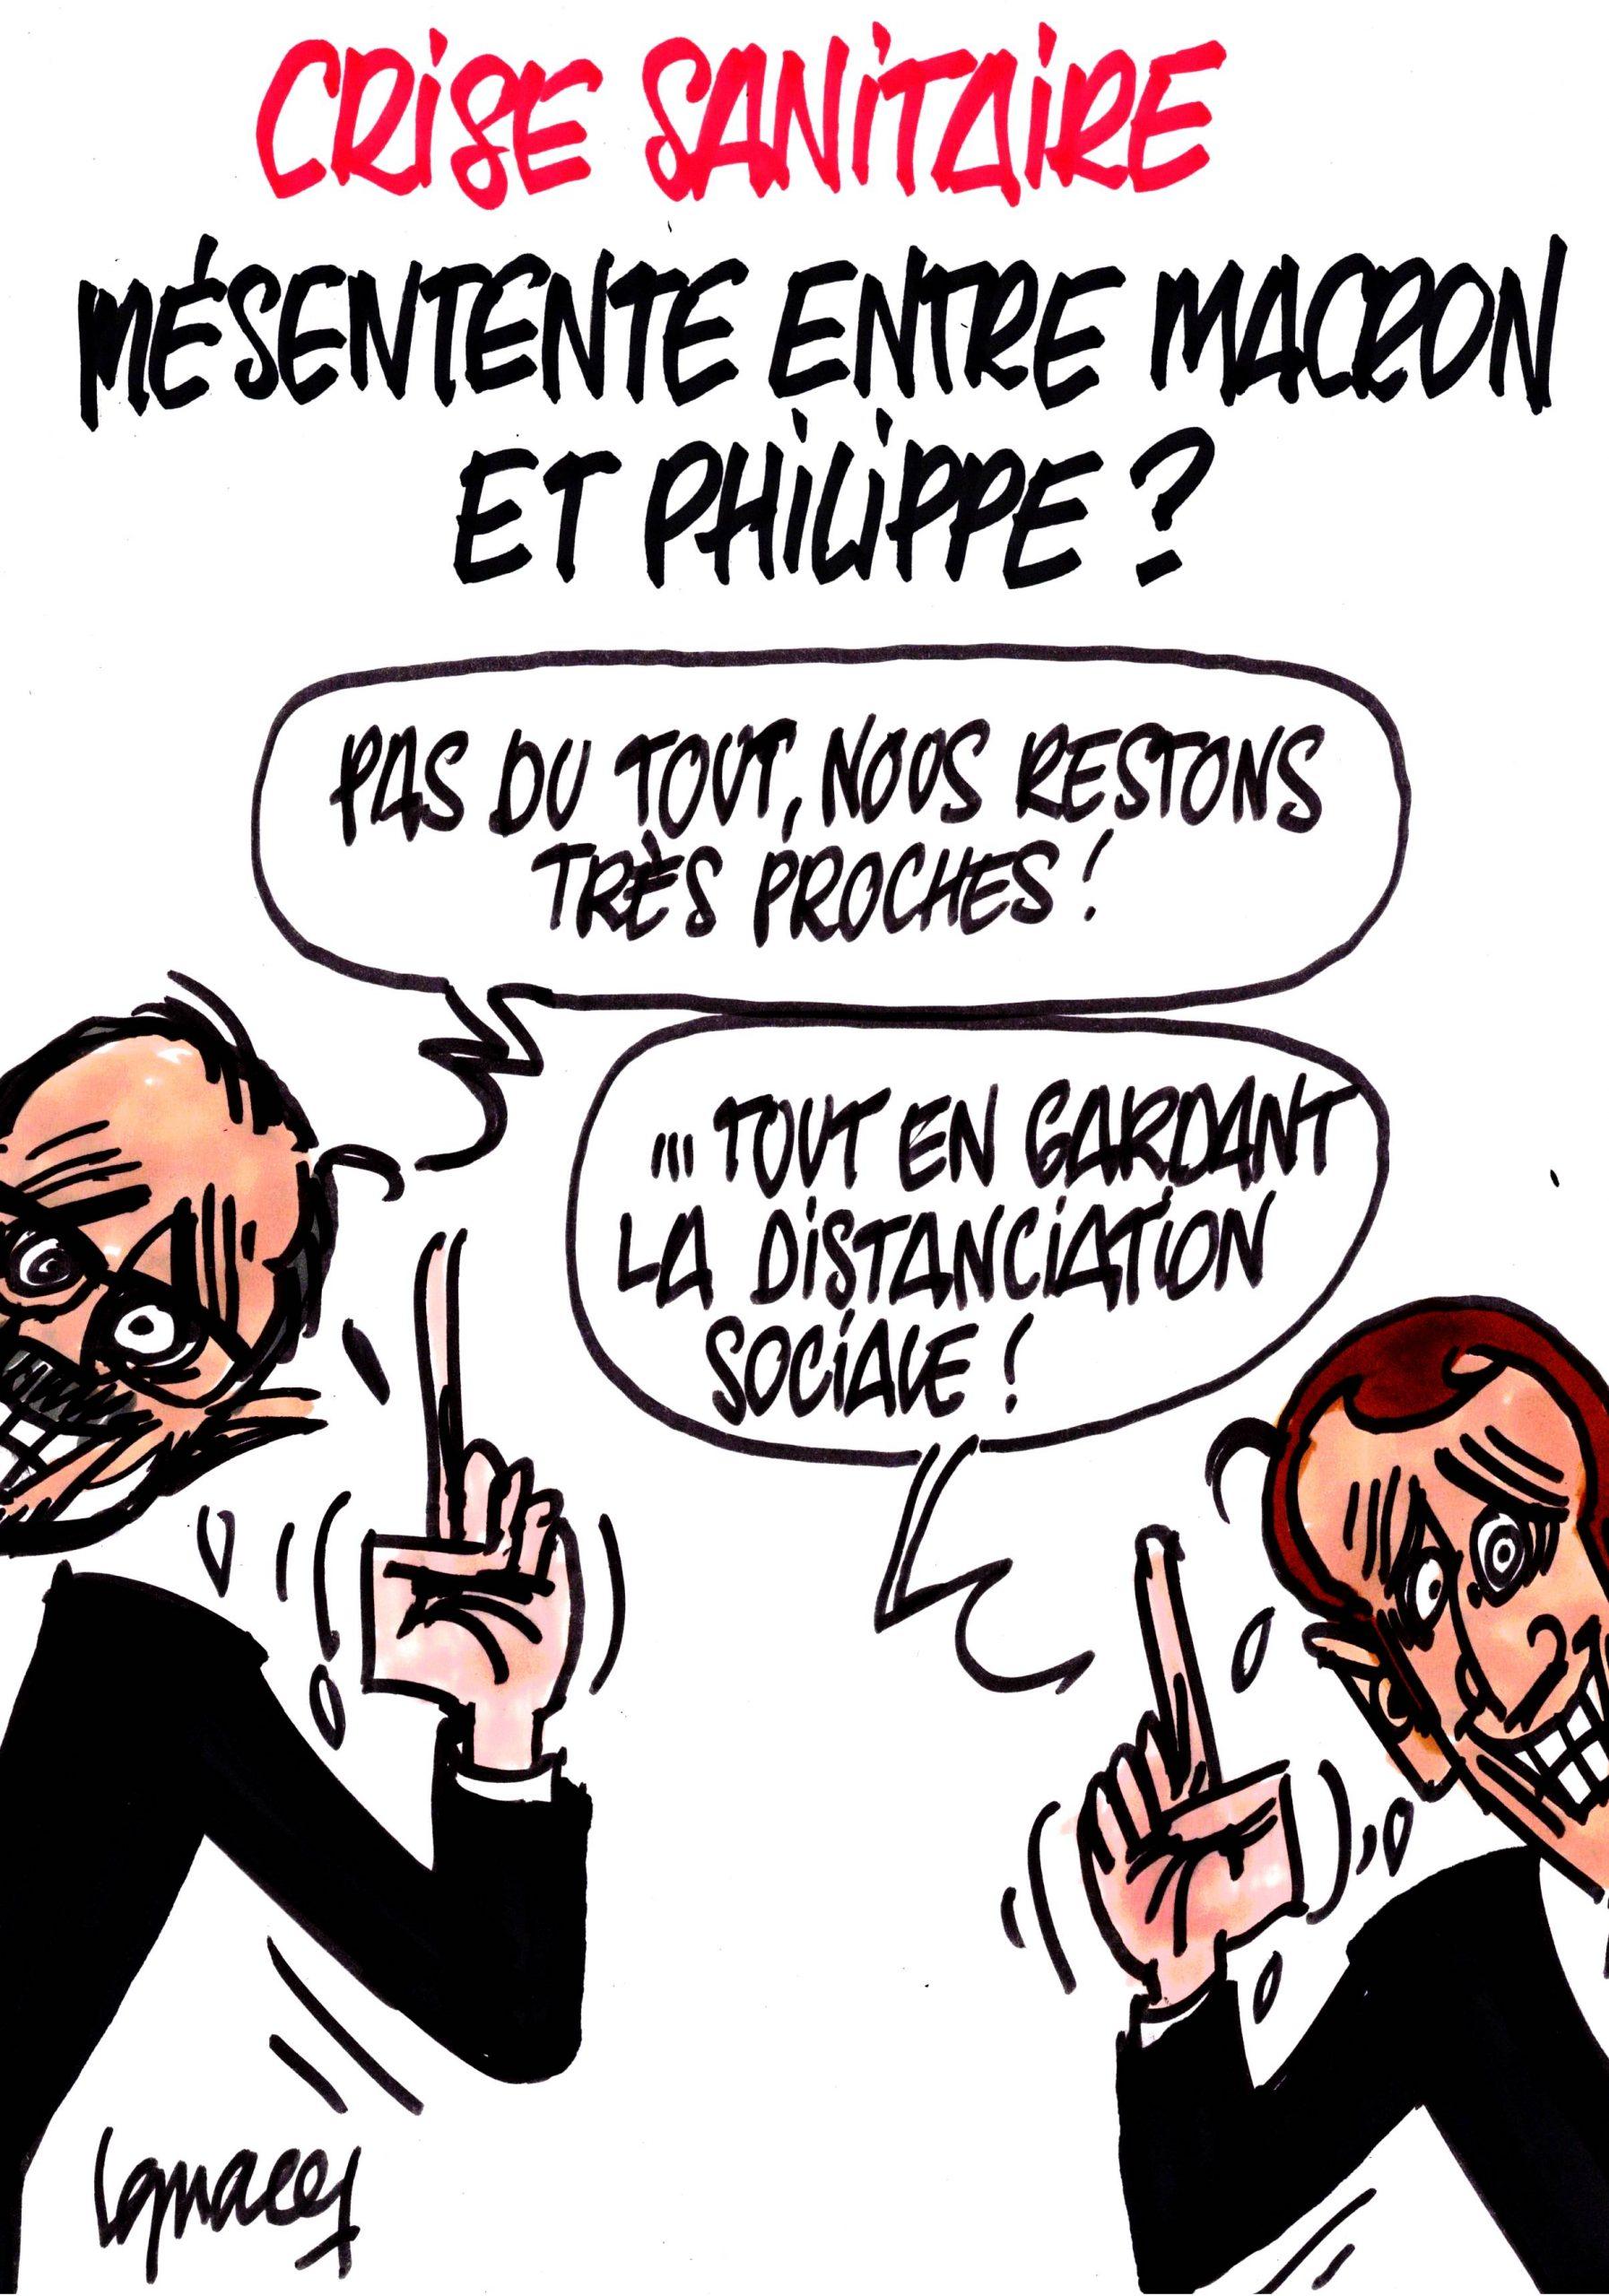 Ignace - Mésentente entre Macron et Philippe ?